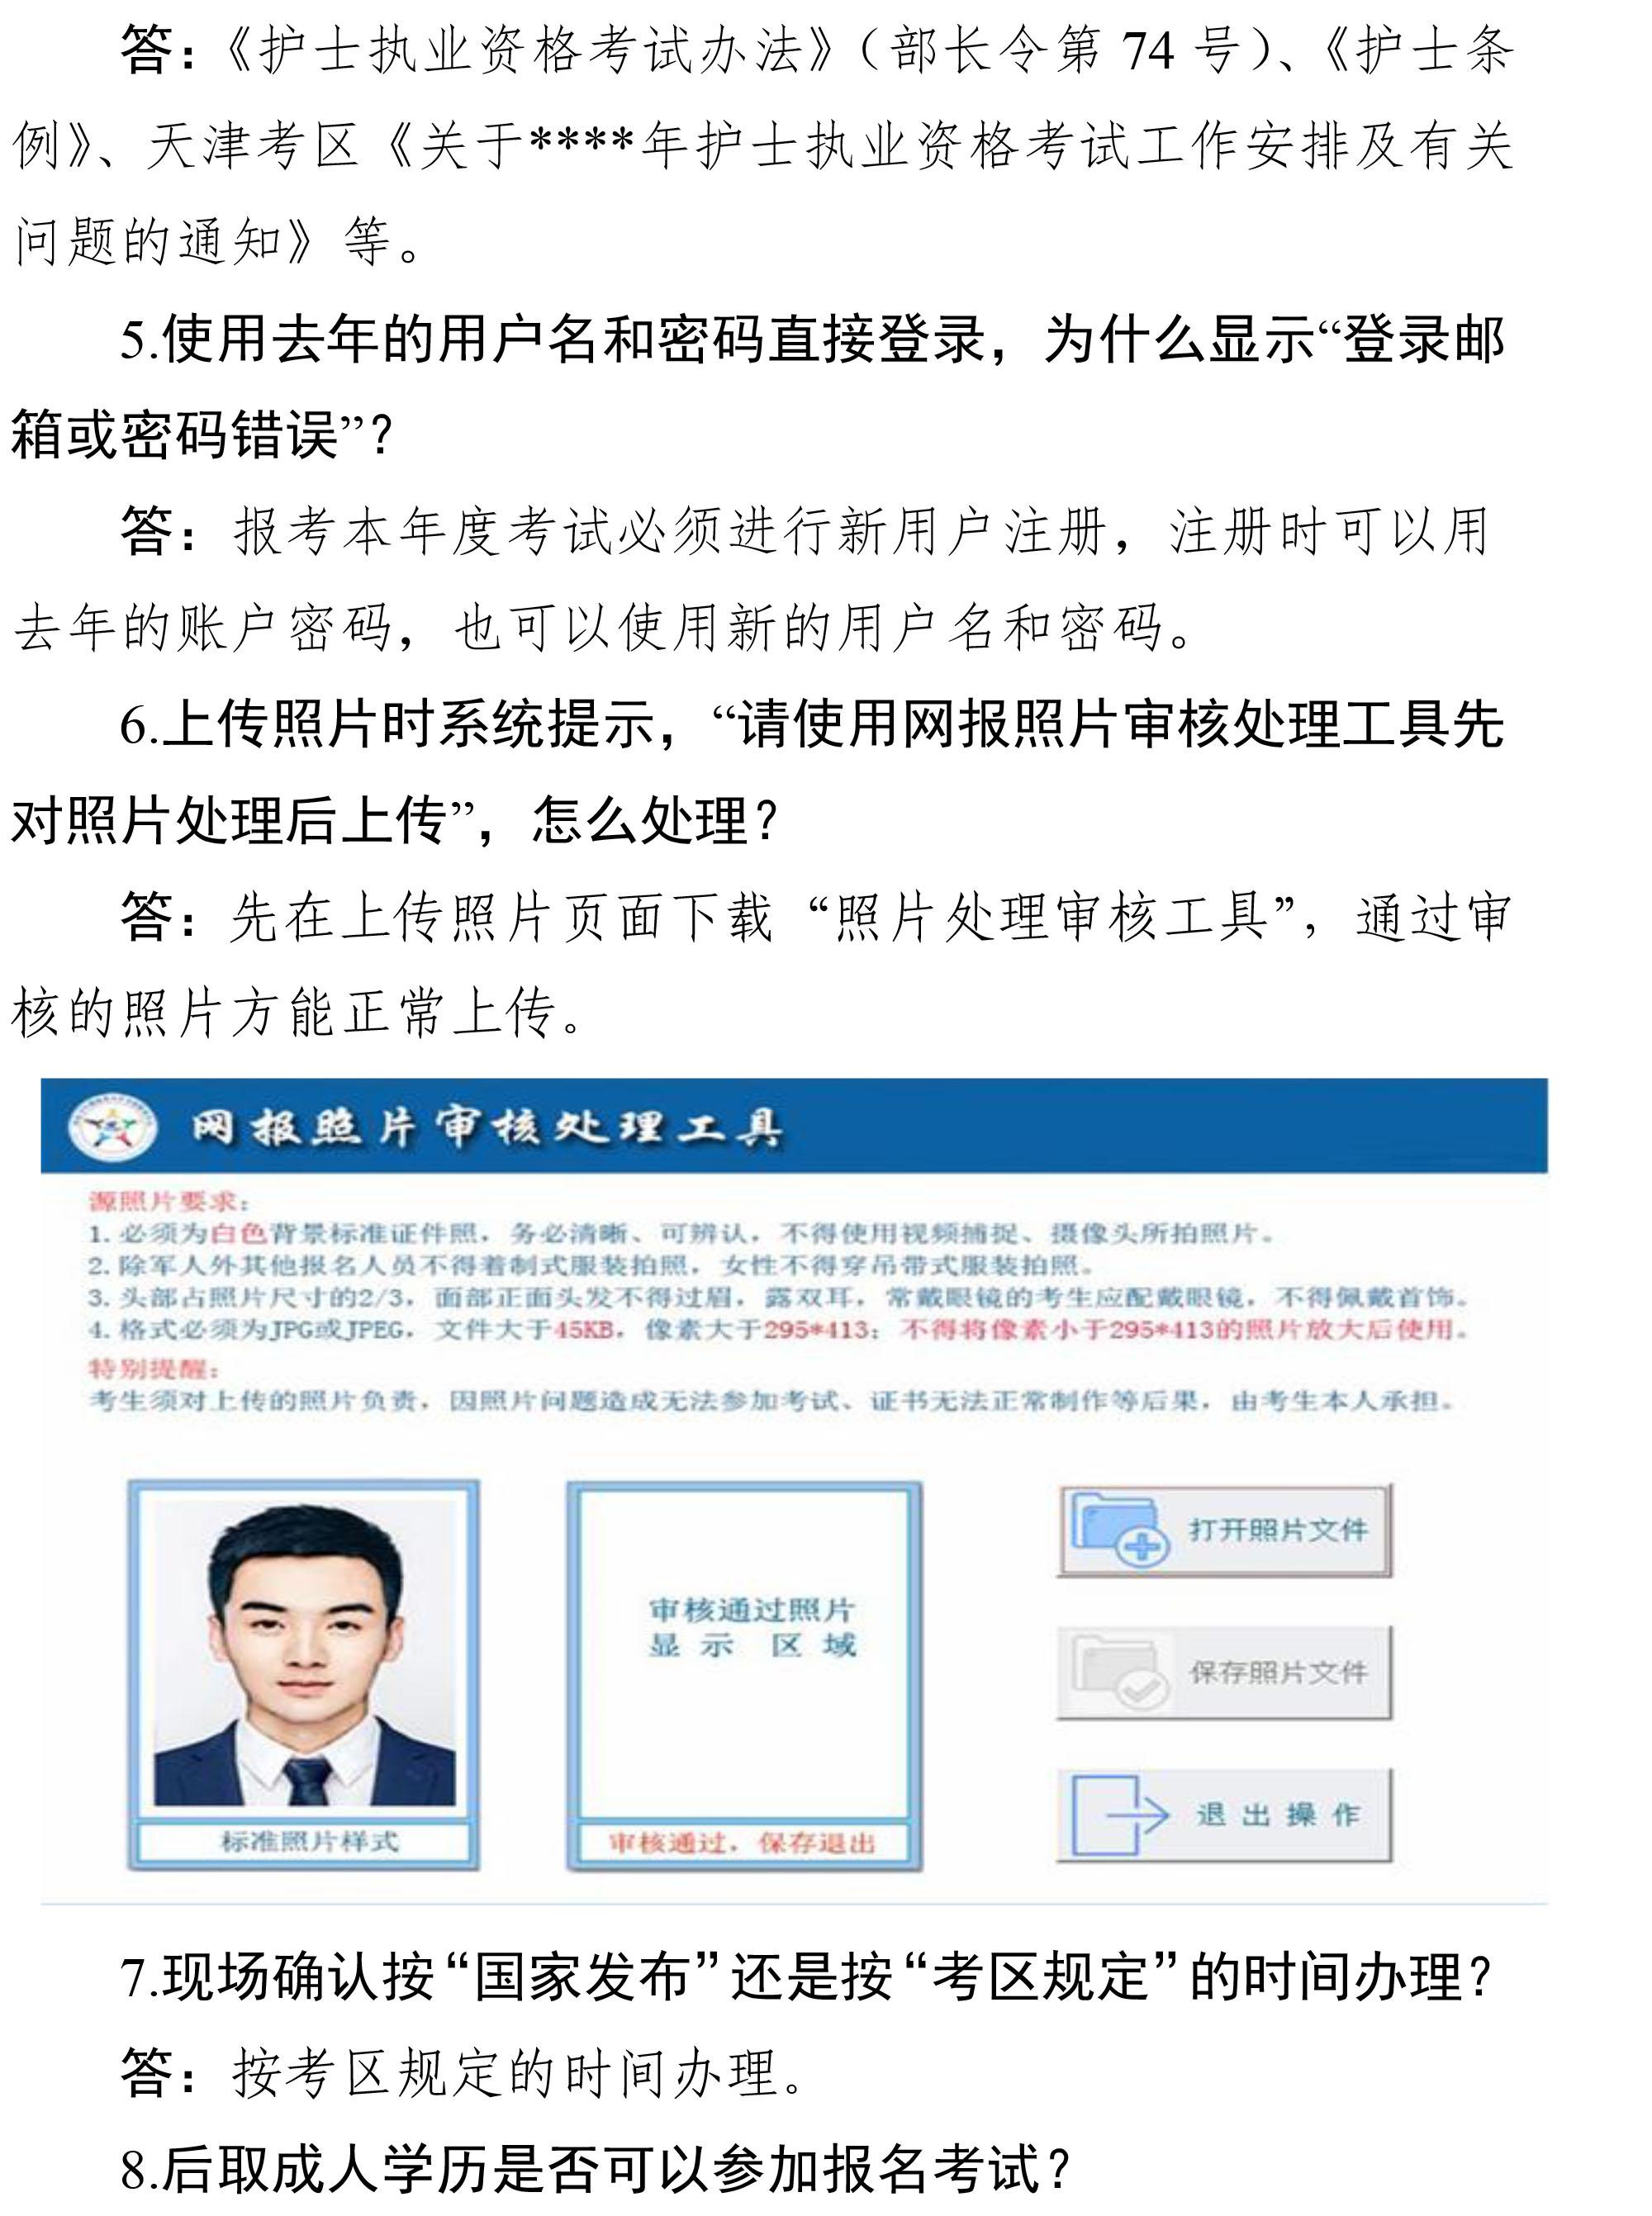 天津考区2020年护士执业资格考试常见热点问题